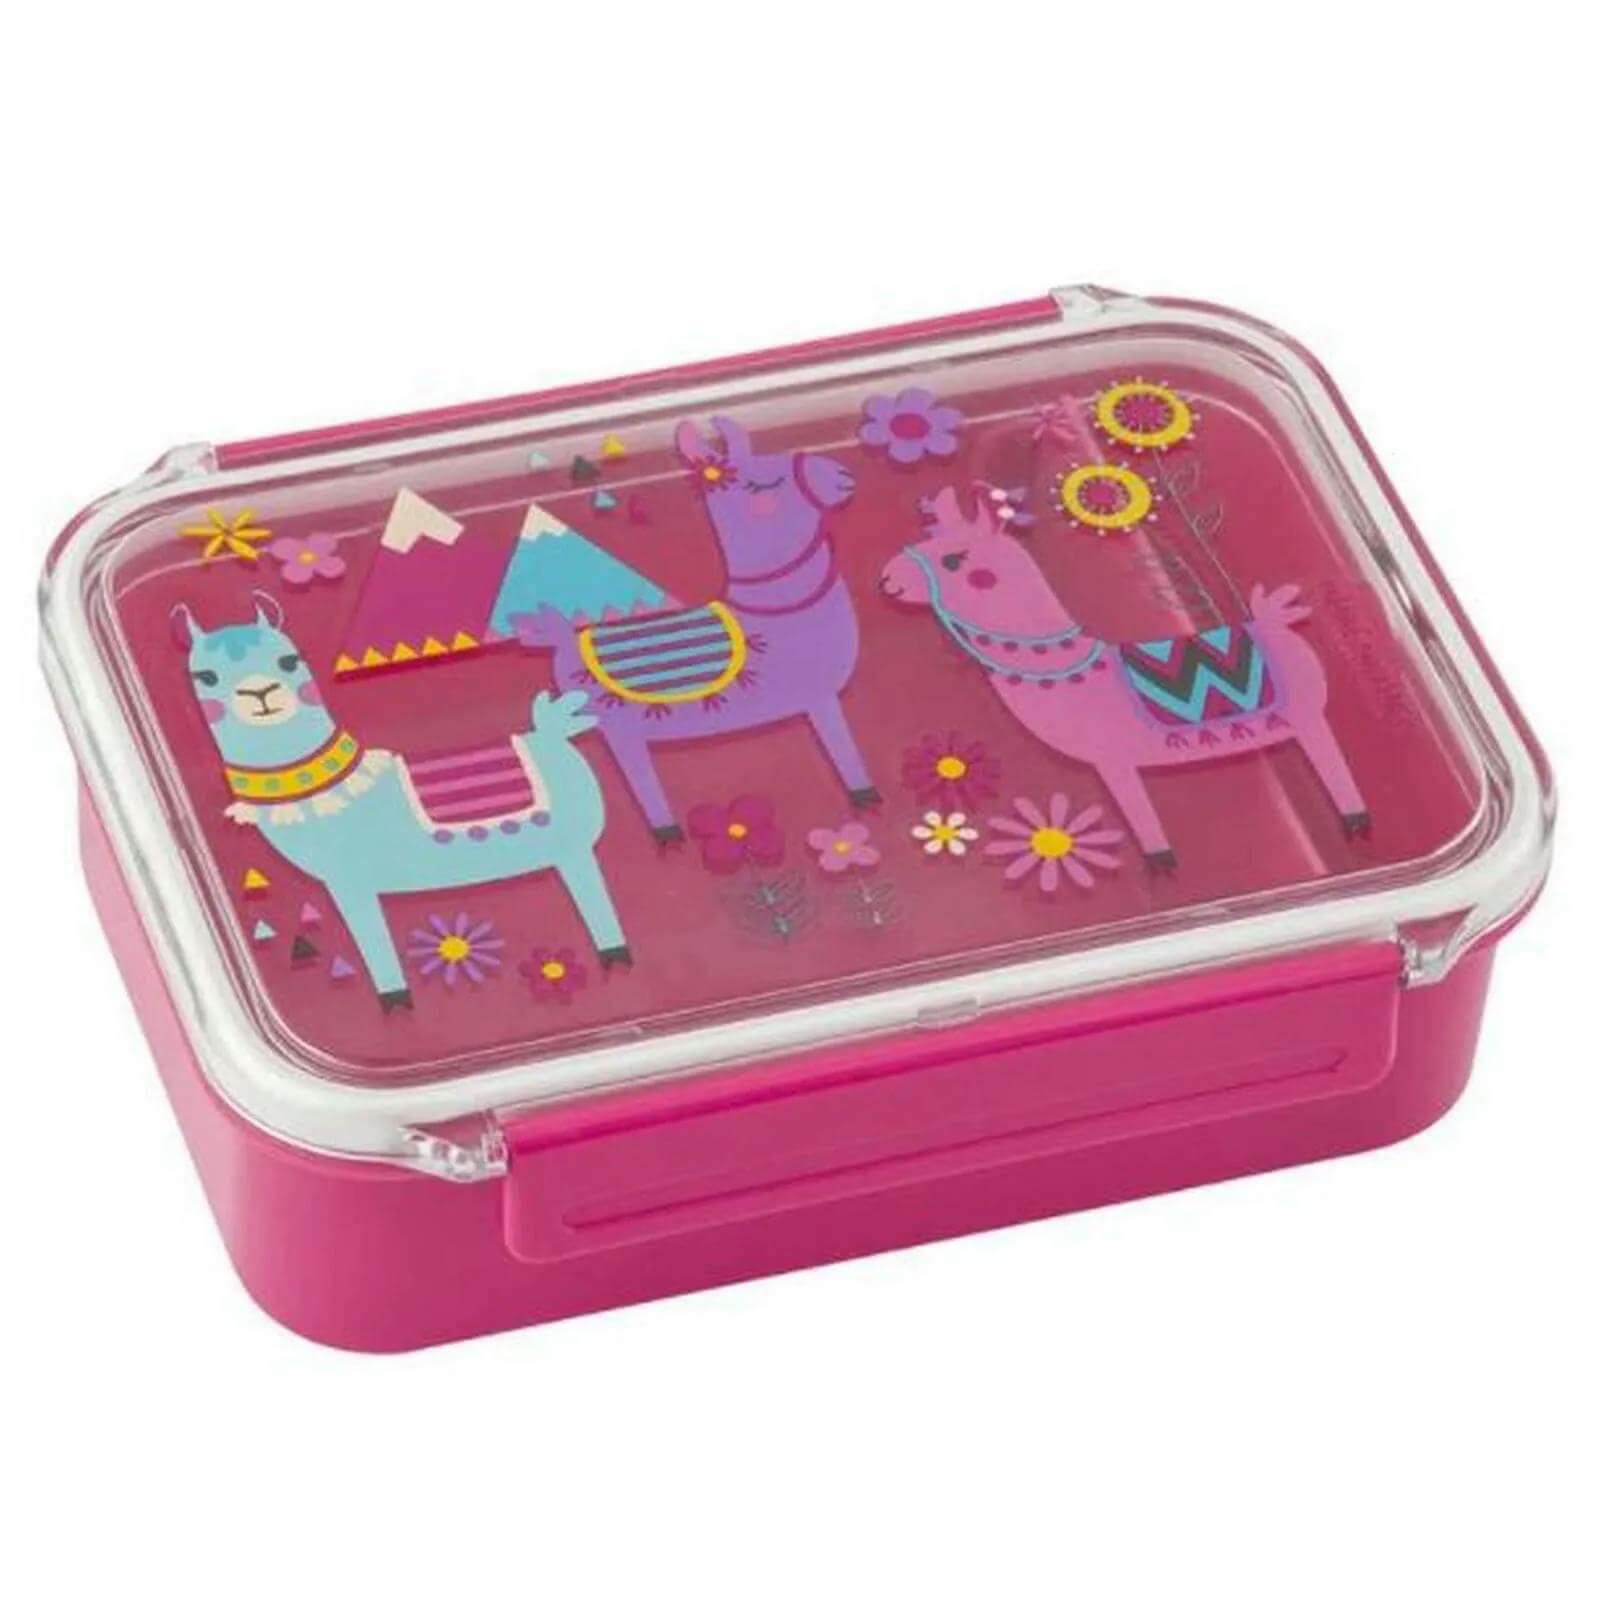 Bento Box com Divisoria Lhama